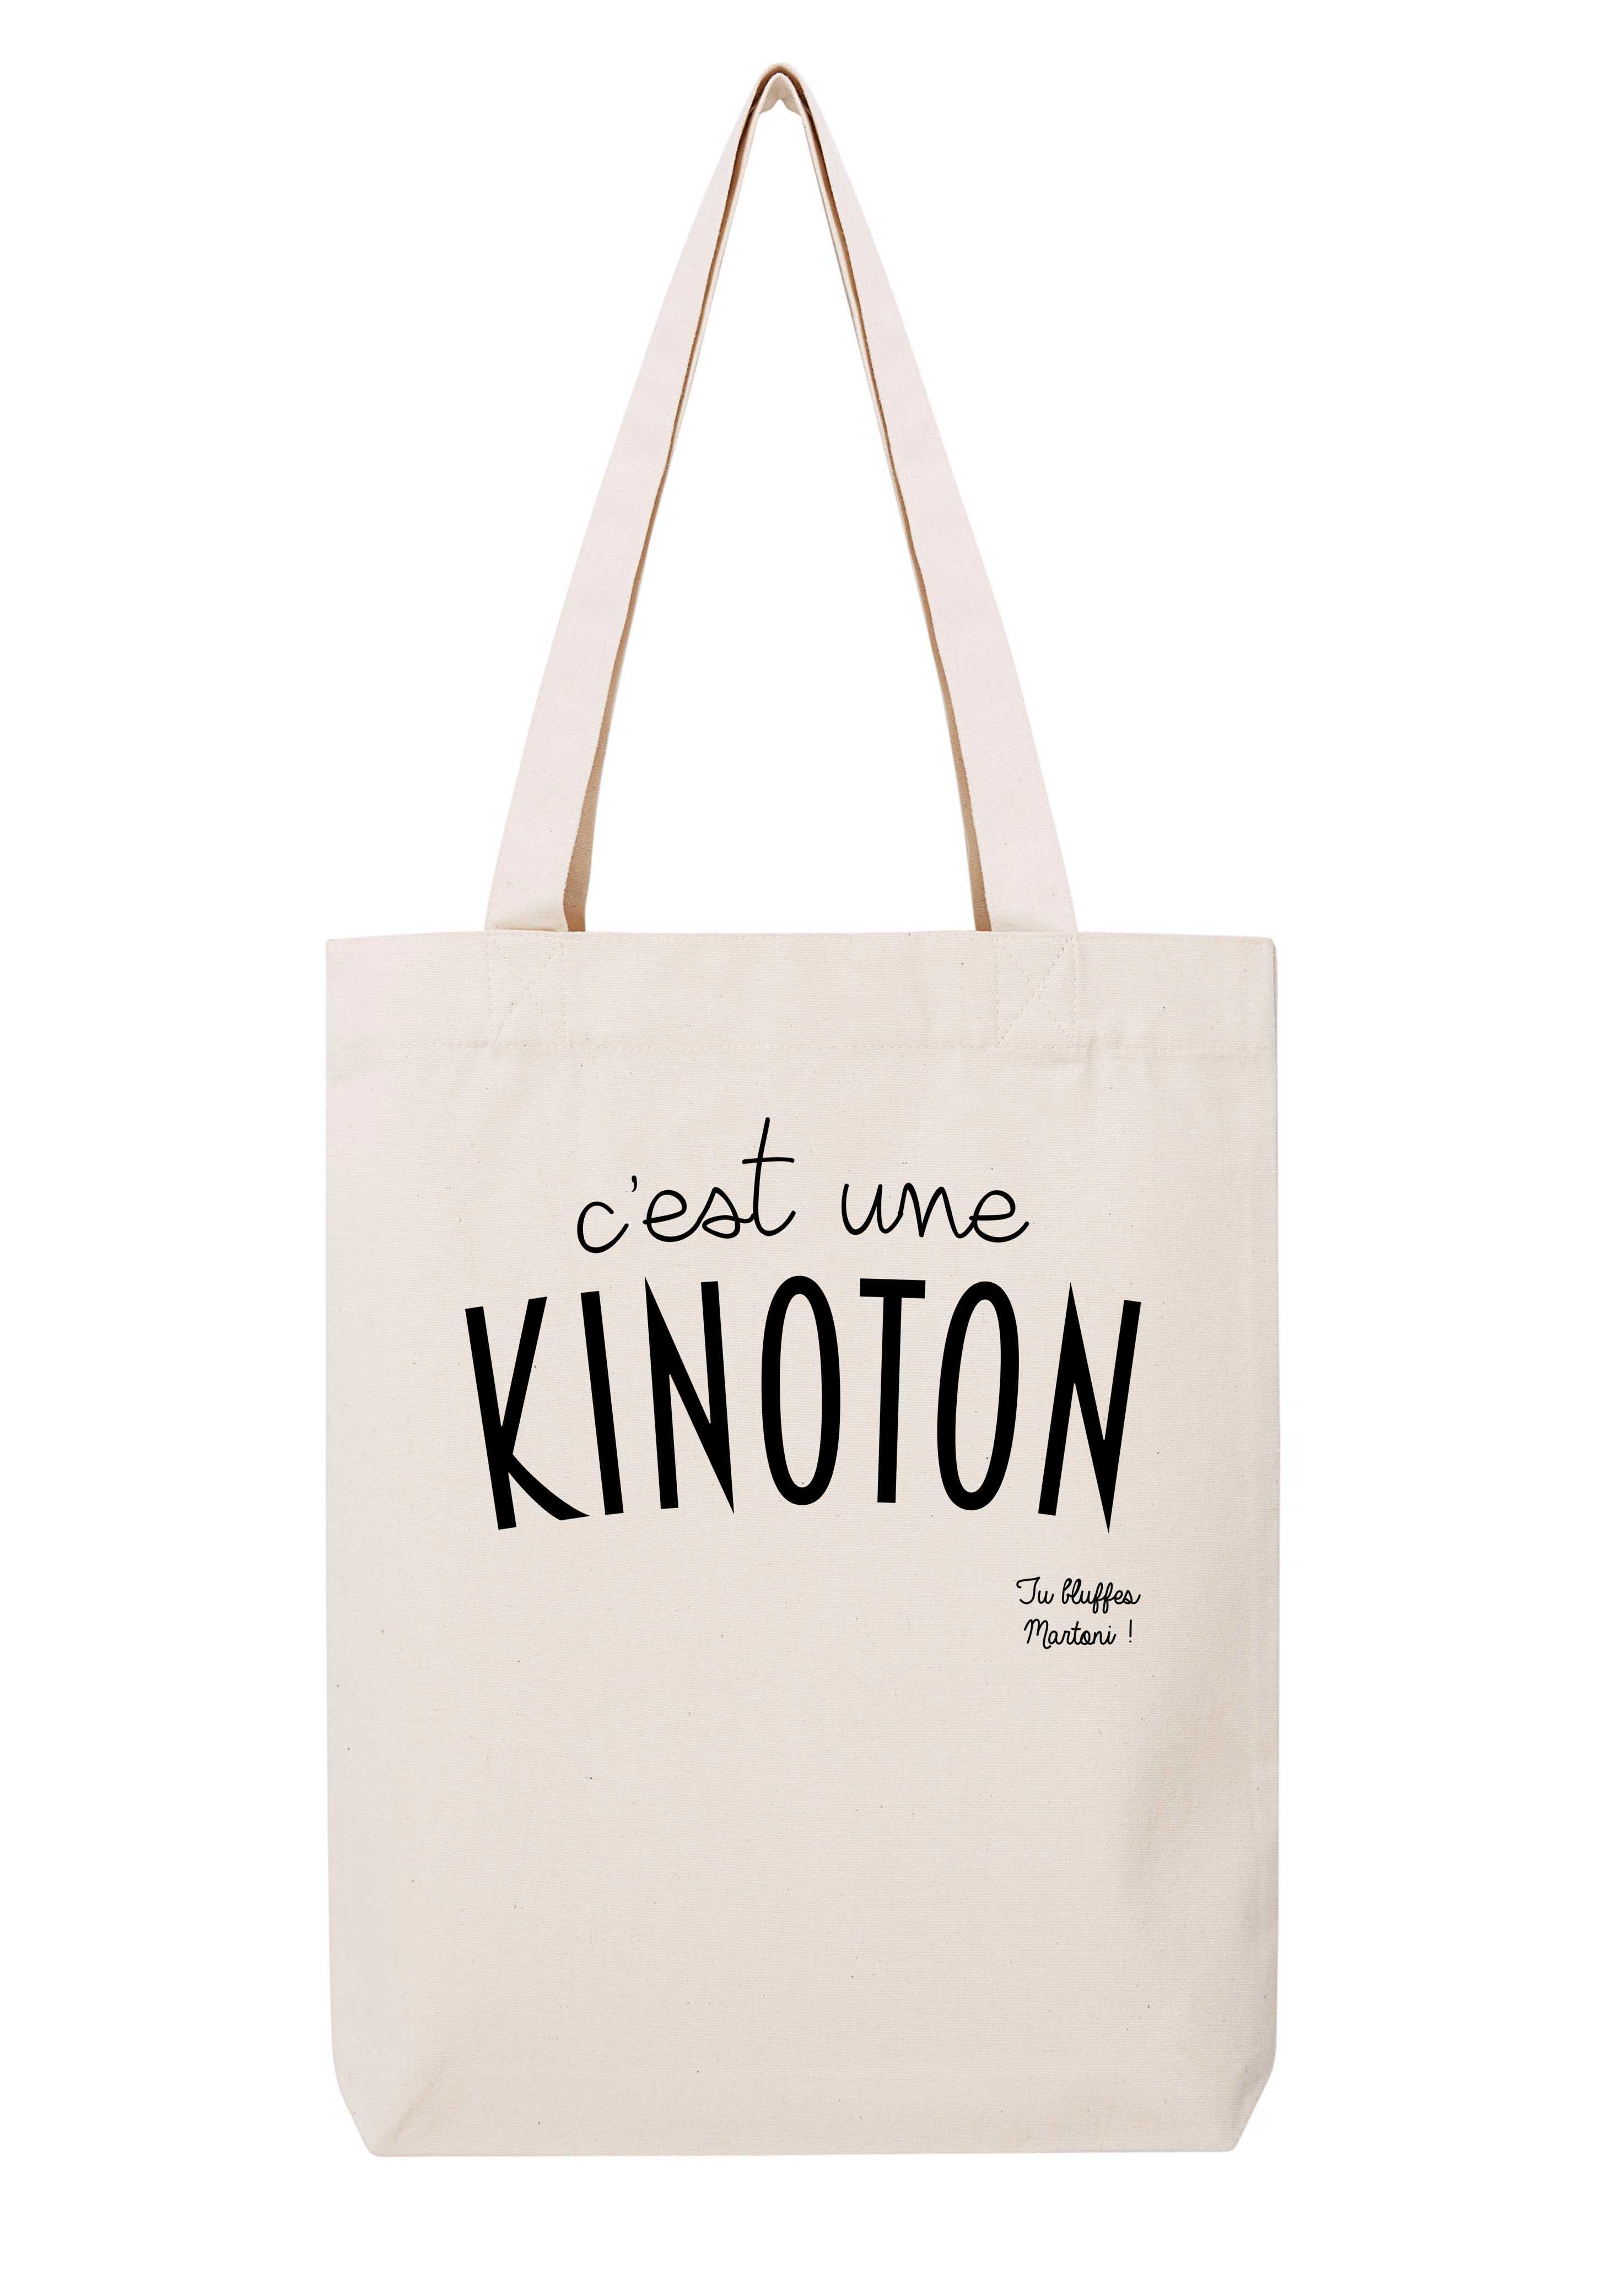 ca53fac9415 C'est une Kinoton - Sacs en coton bio